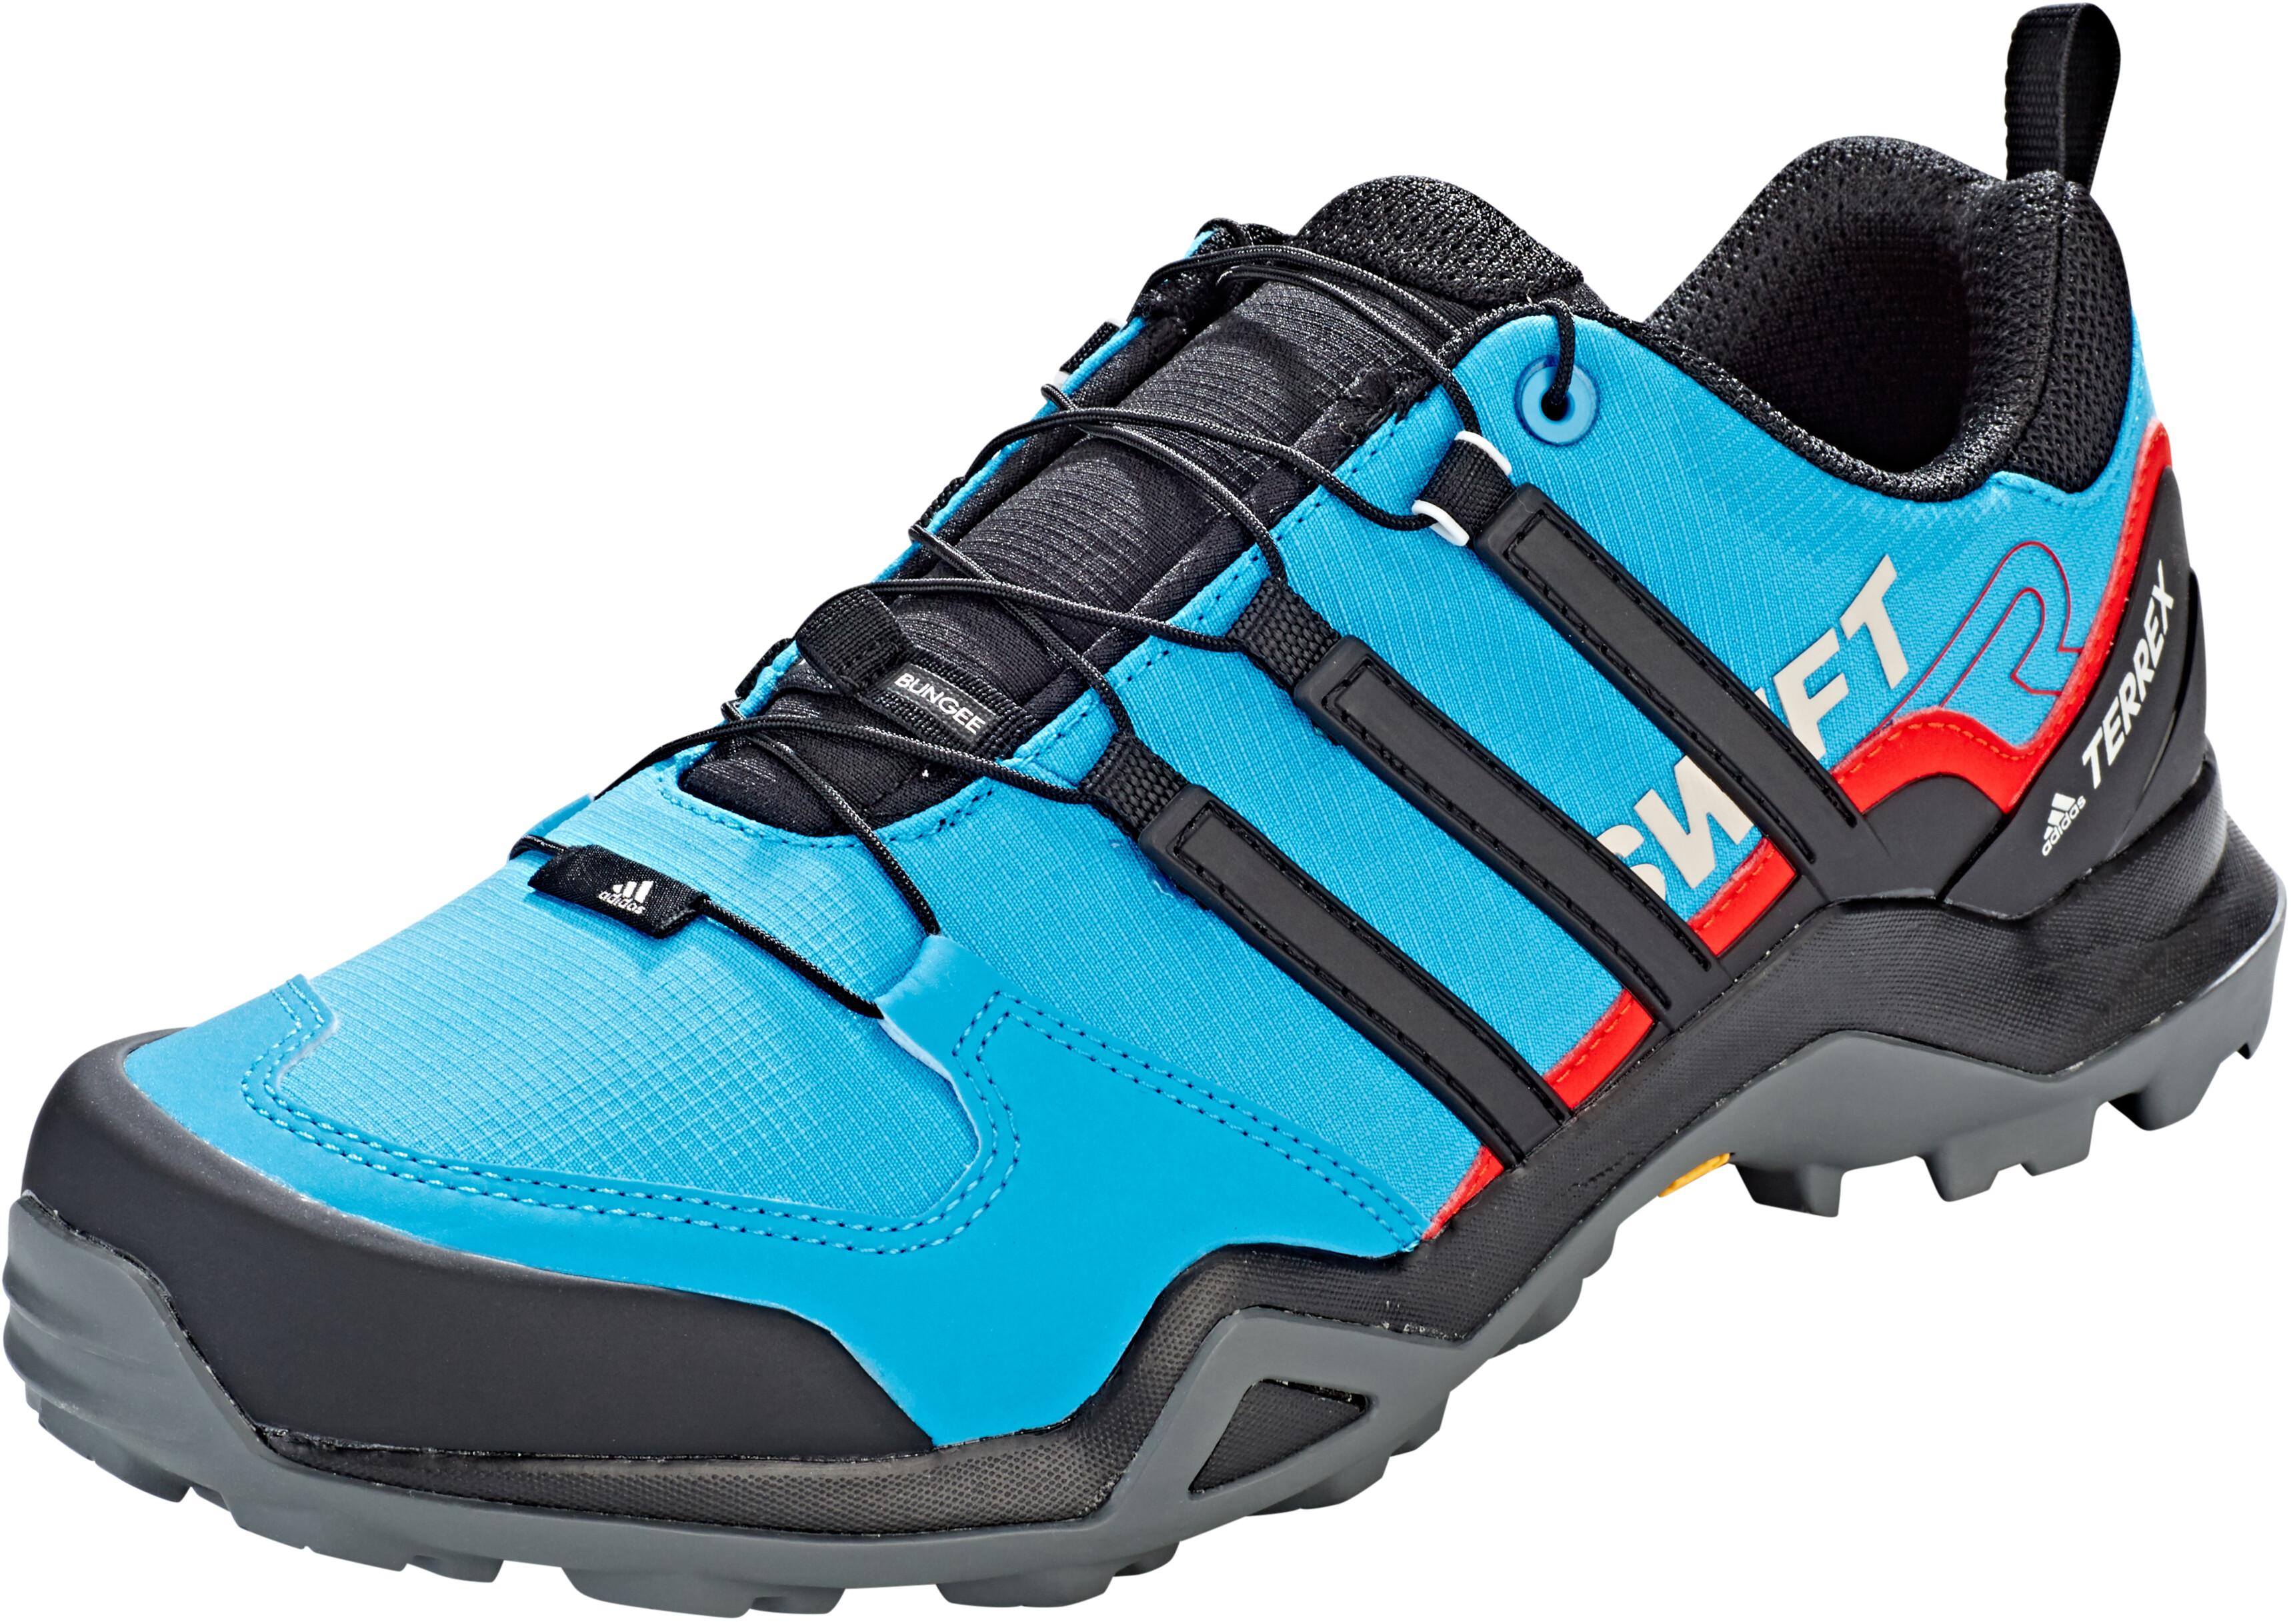 wholesale online new images of 2018 shoes adidas TERREX Swift R2 Schoenen Heren, shock cyan/core black/active red